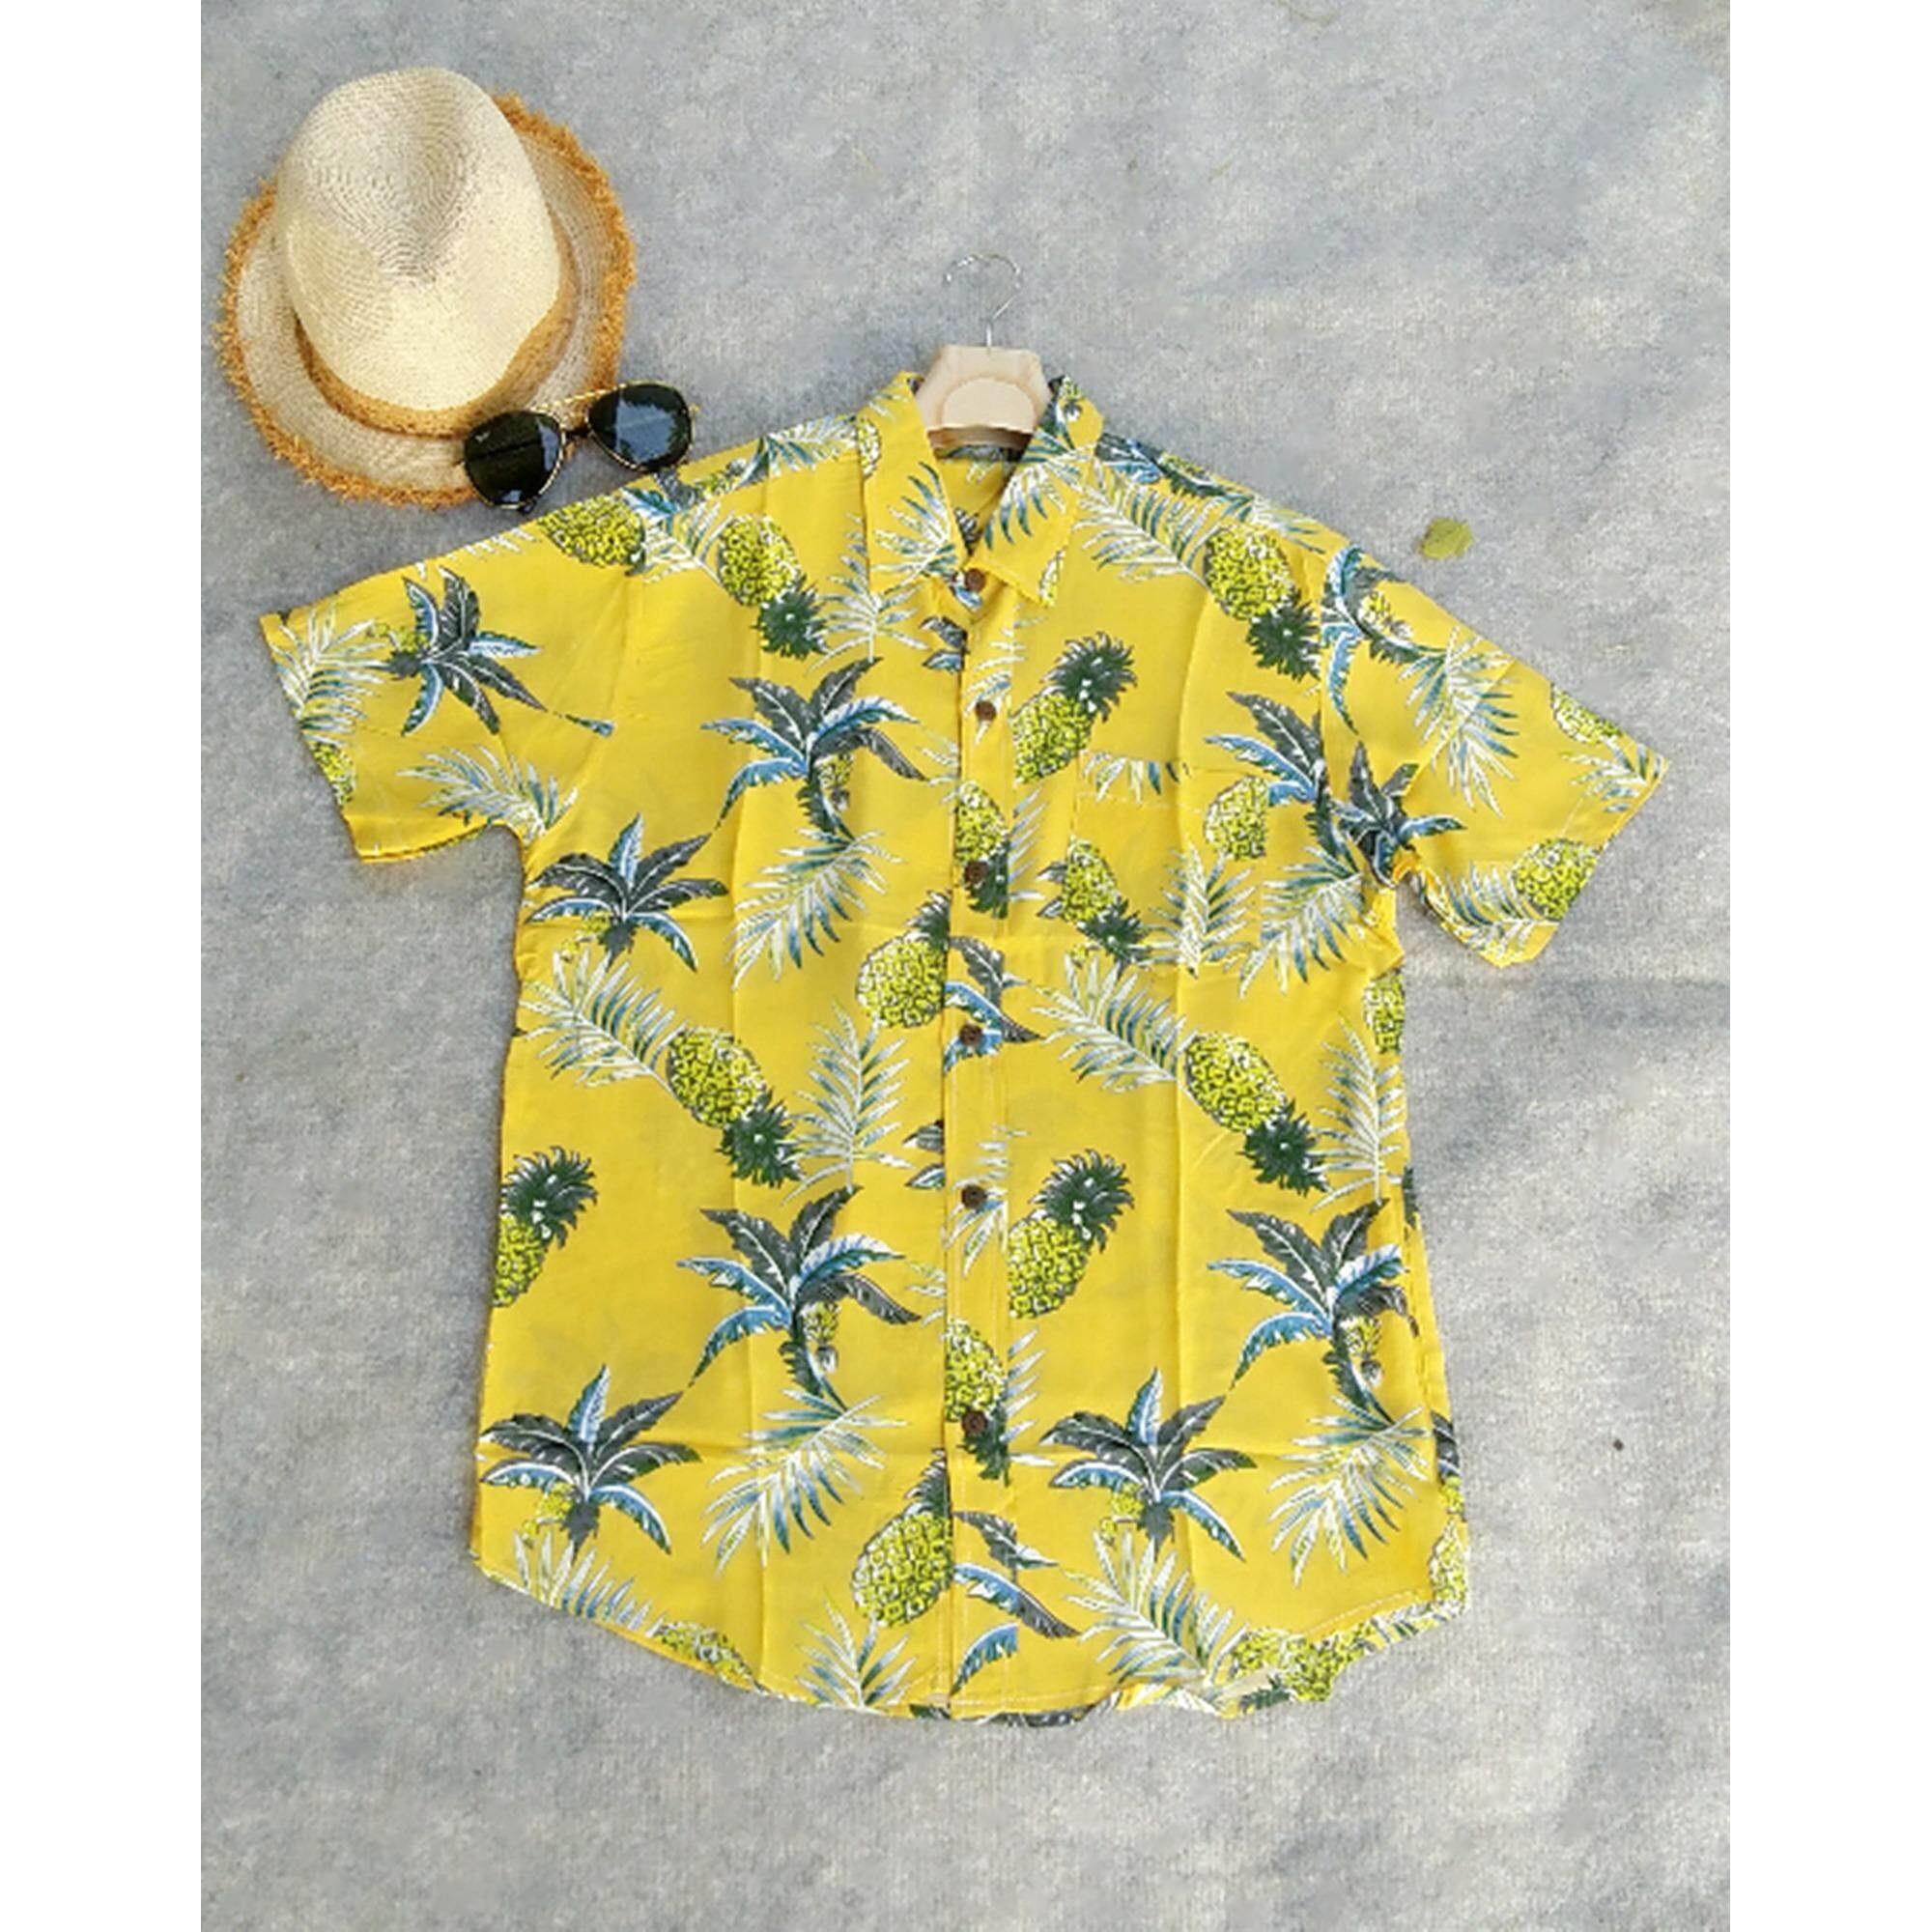 ขาย Mama Shop เสื้อเซิ้ตฮาวาย พิมพ์ลายสับปะรด พื้นสีเหลือง คอปก ไซส์ L ผ้านิ่มใส่สบาย รุ่น Mb 079 Mama Shop เป็นต้นฉบับ